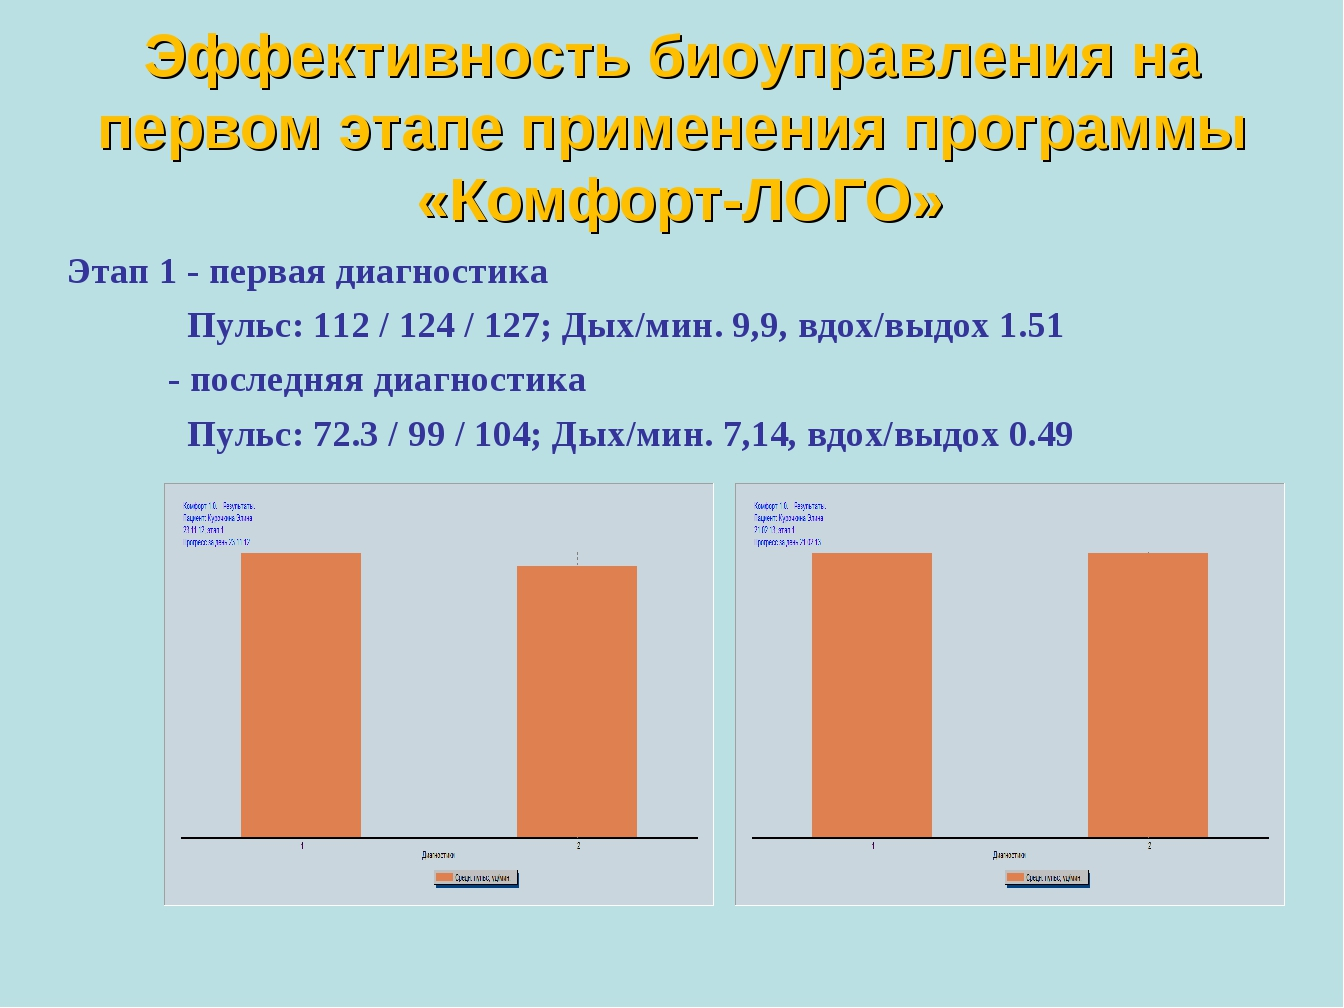 Эффективность биоуправления на первом этапе применения программы «Комфорт-ЛОГ...